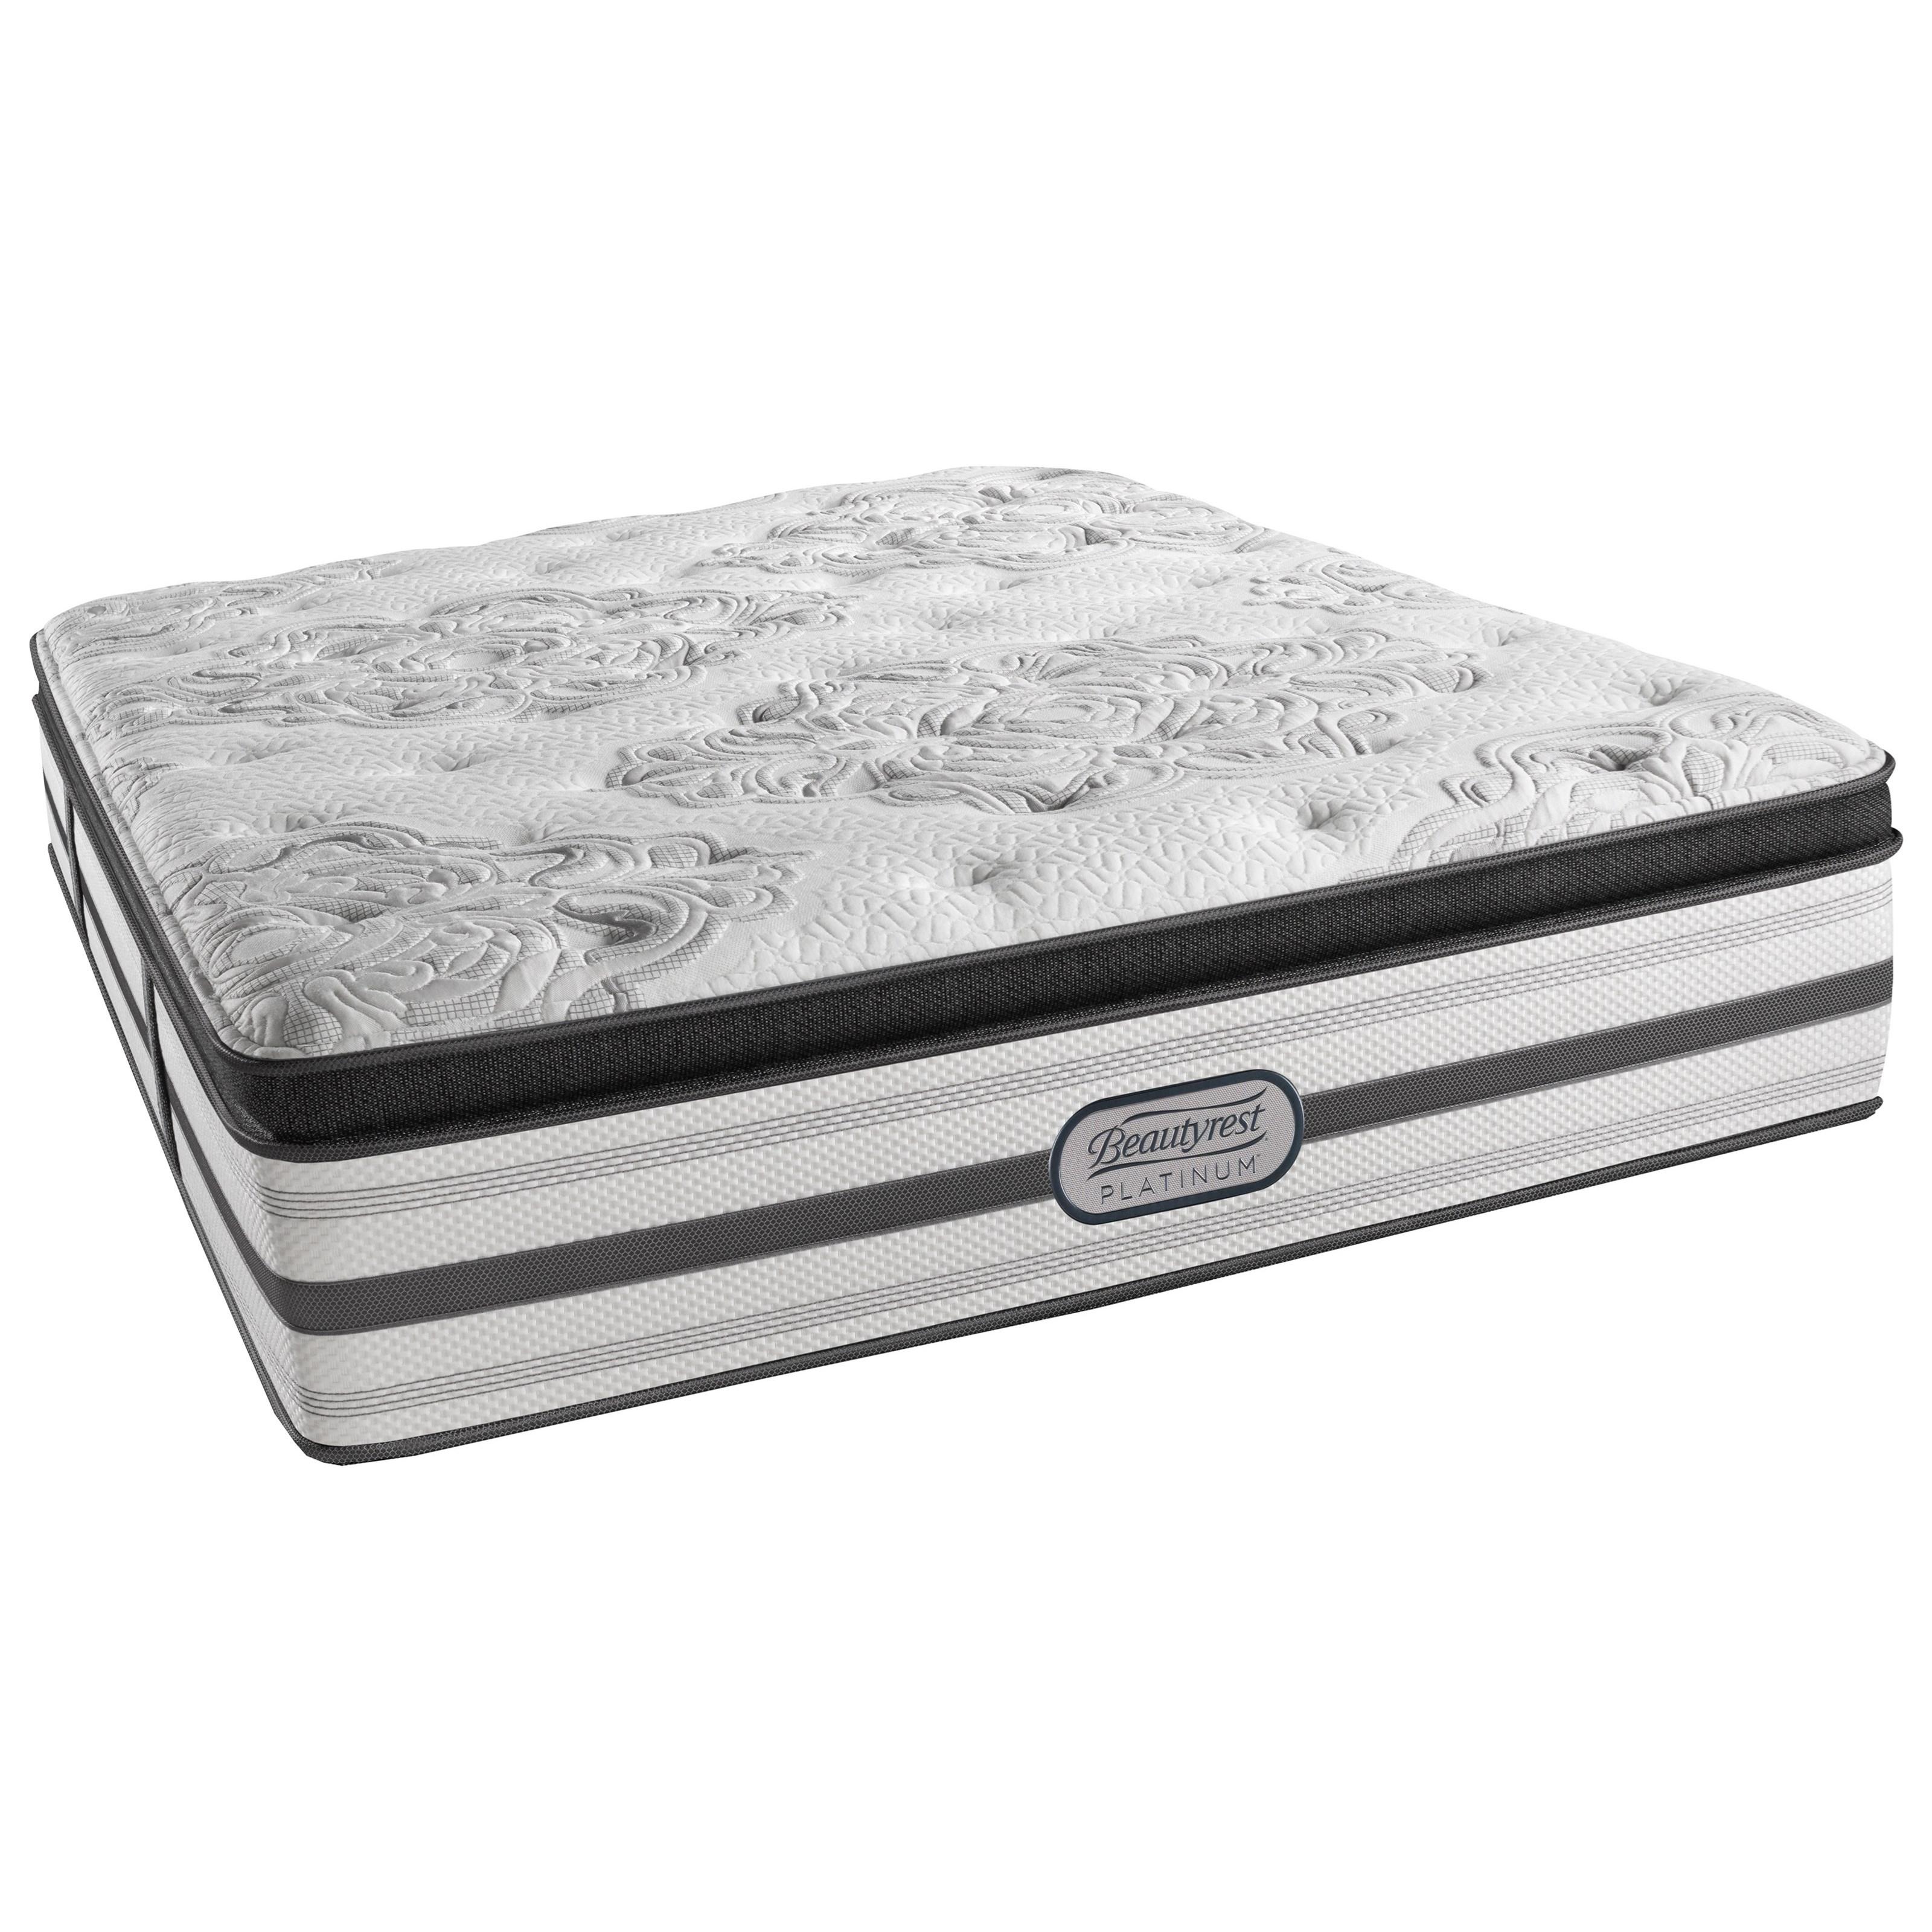 Beautyrest Platinum Gabriella Full Luxury Firm Pillow Top Mattress - Item Number: LV3LFPT-F